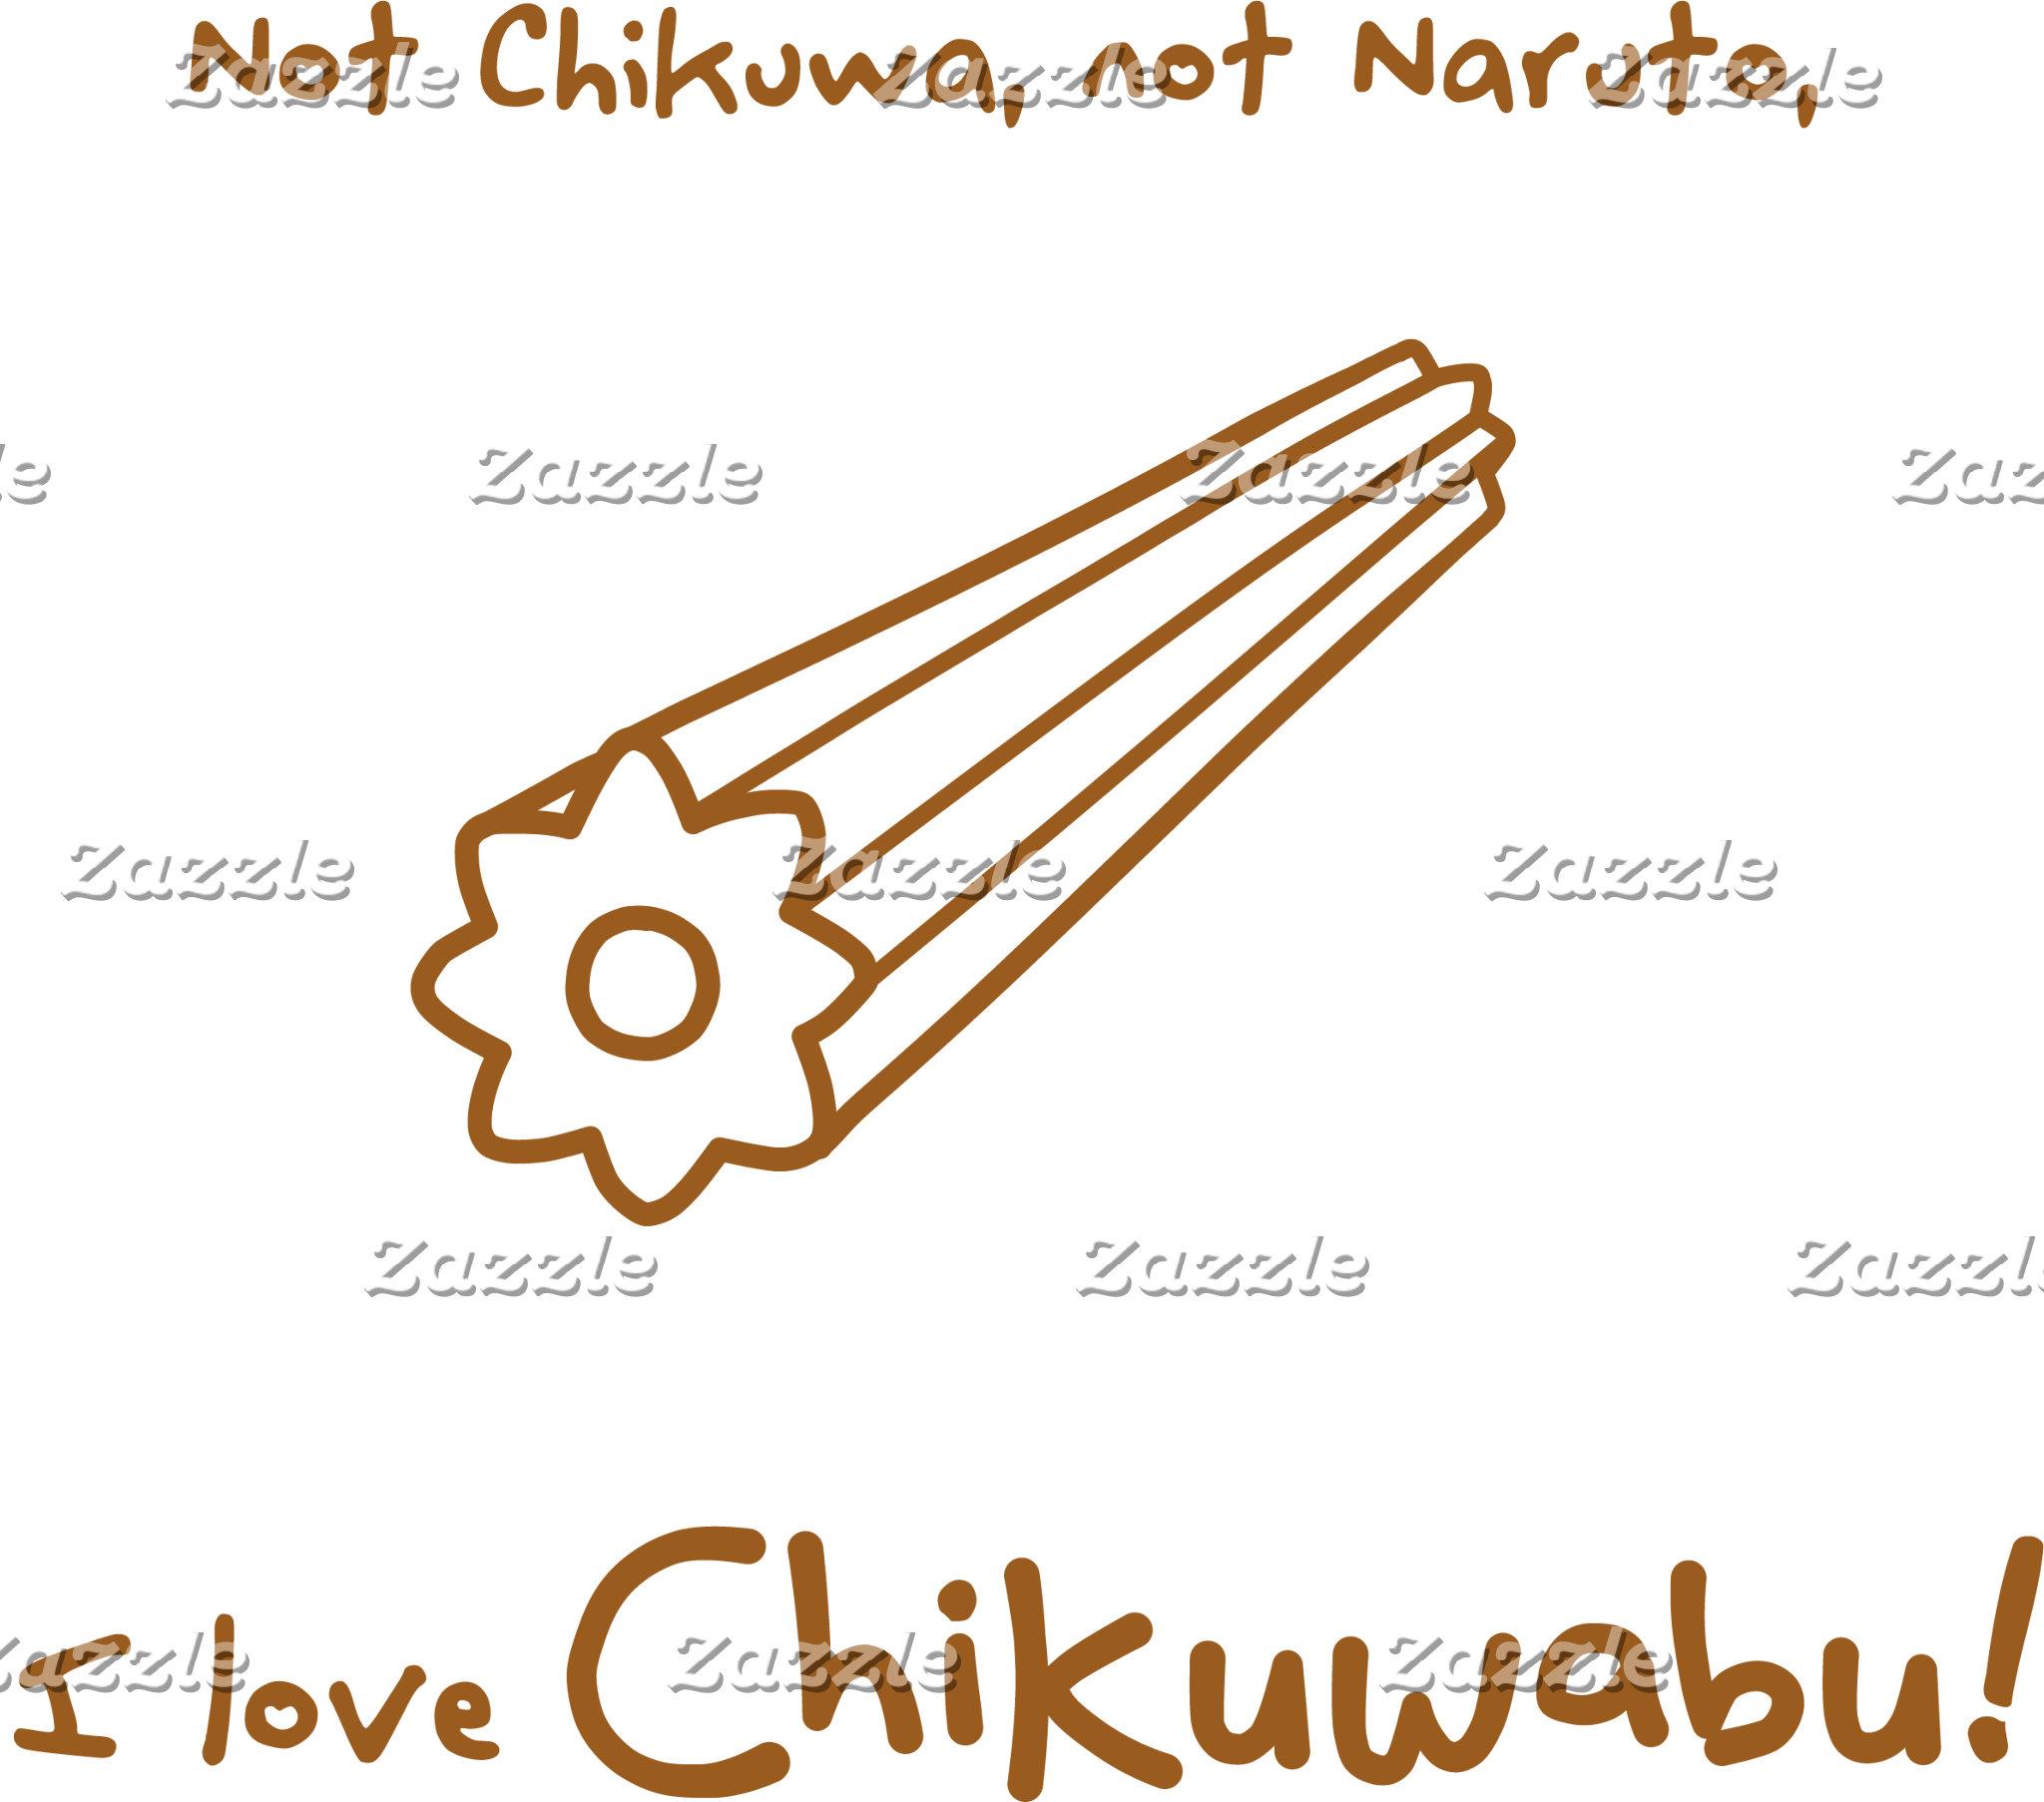 【ちくわぶ(茶)】 Chikuwabu (brown)